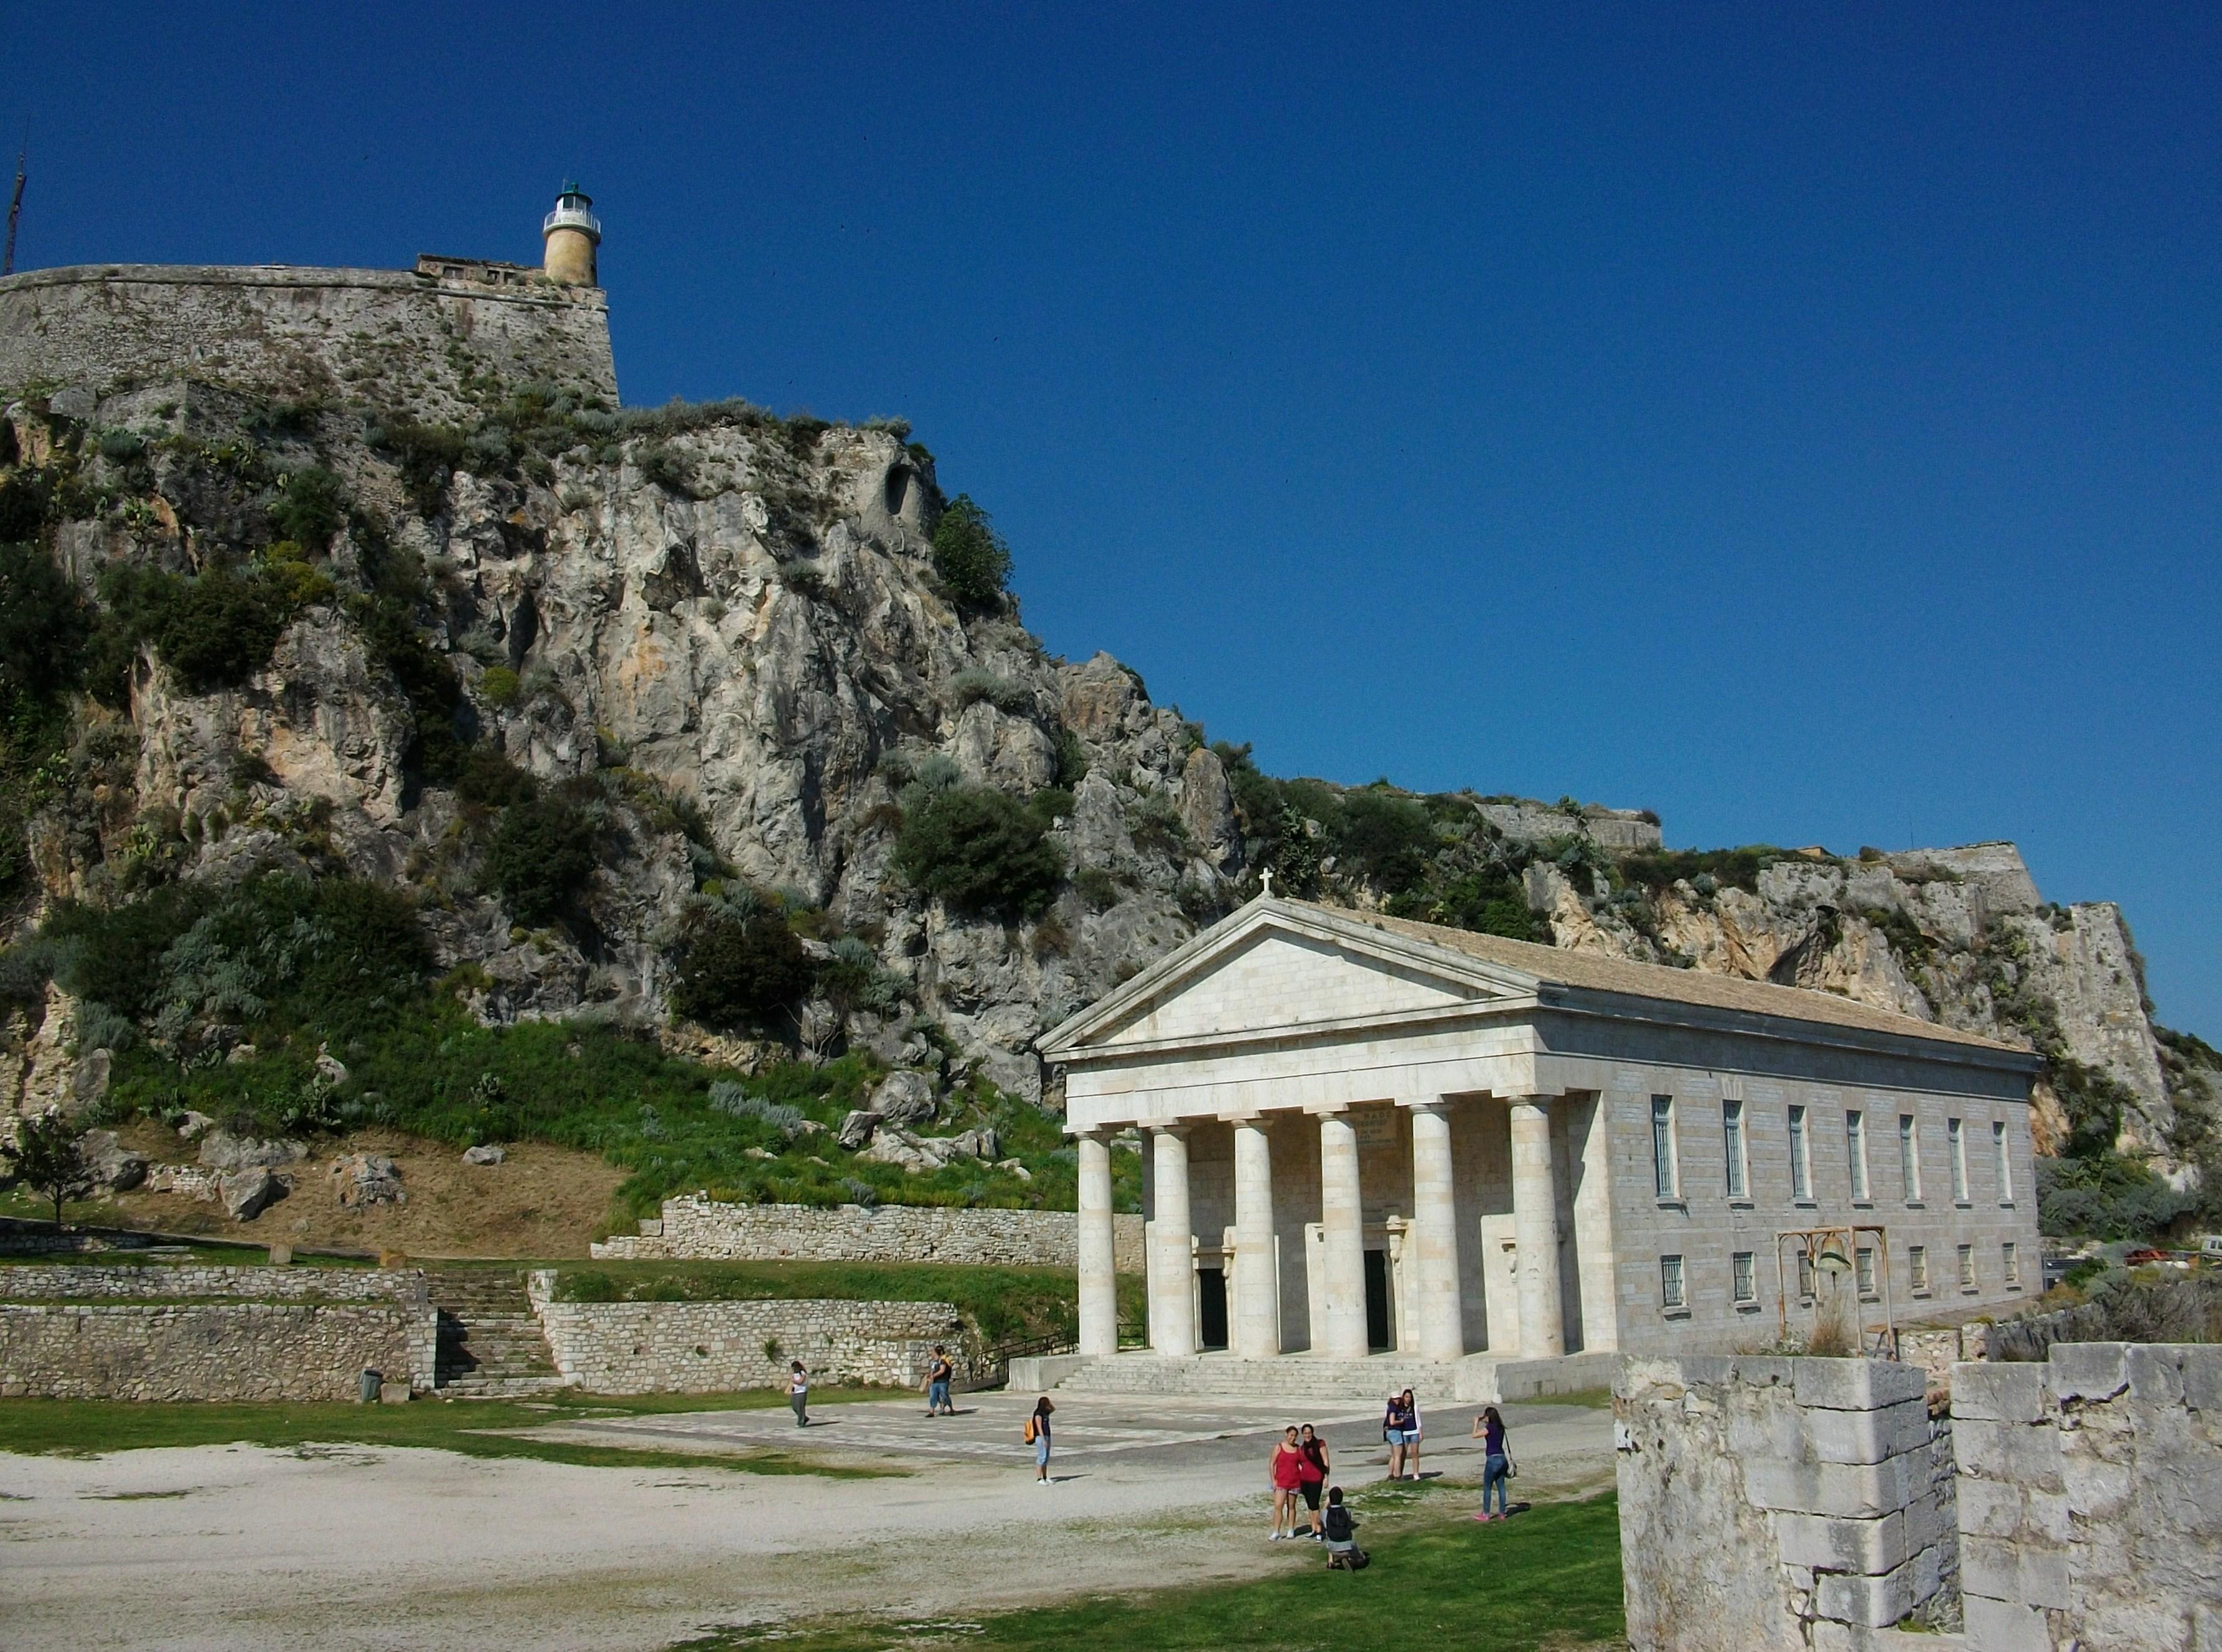 File:Far i església de sant Jordi, fortalesa vella de ...